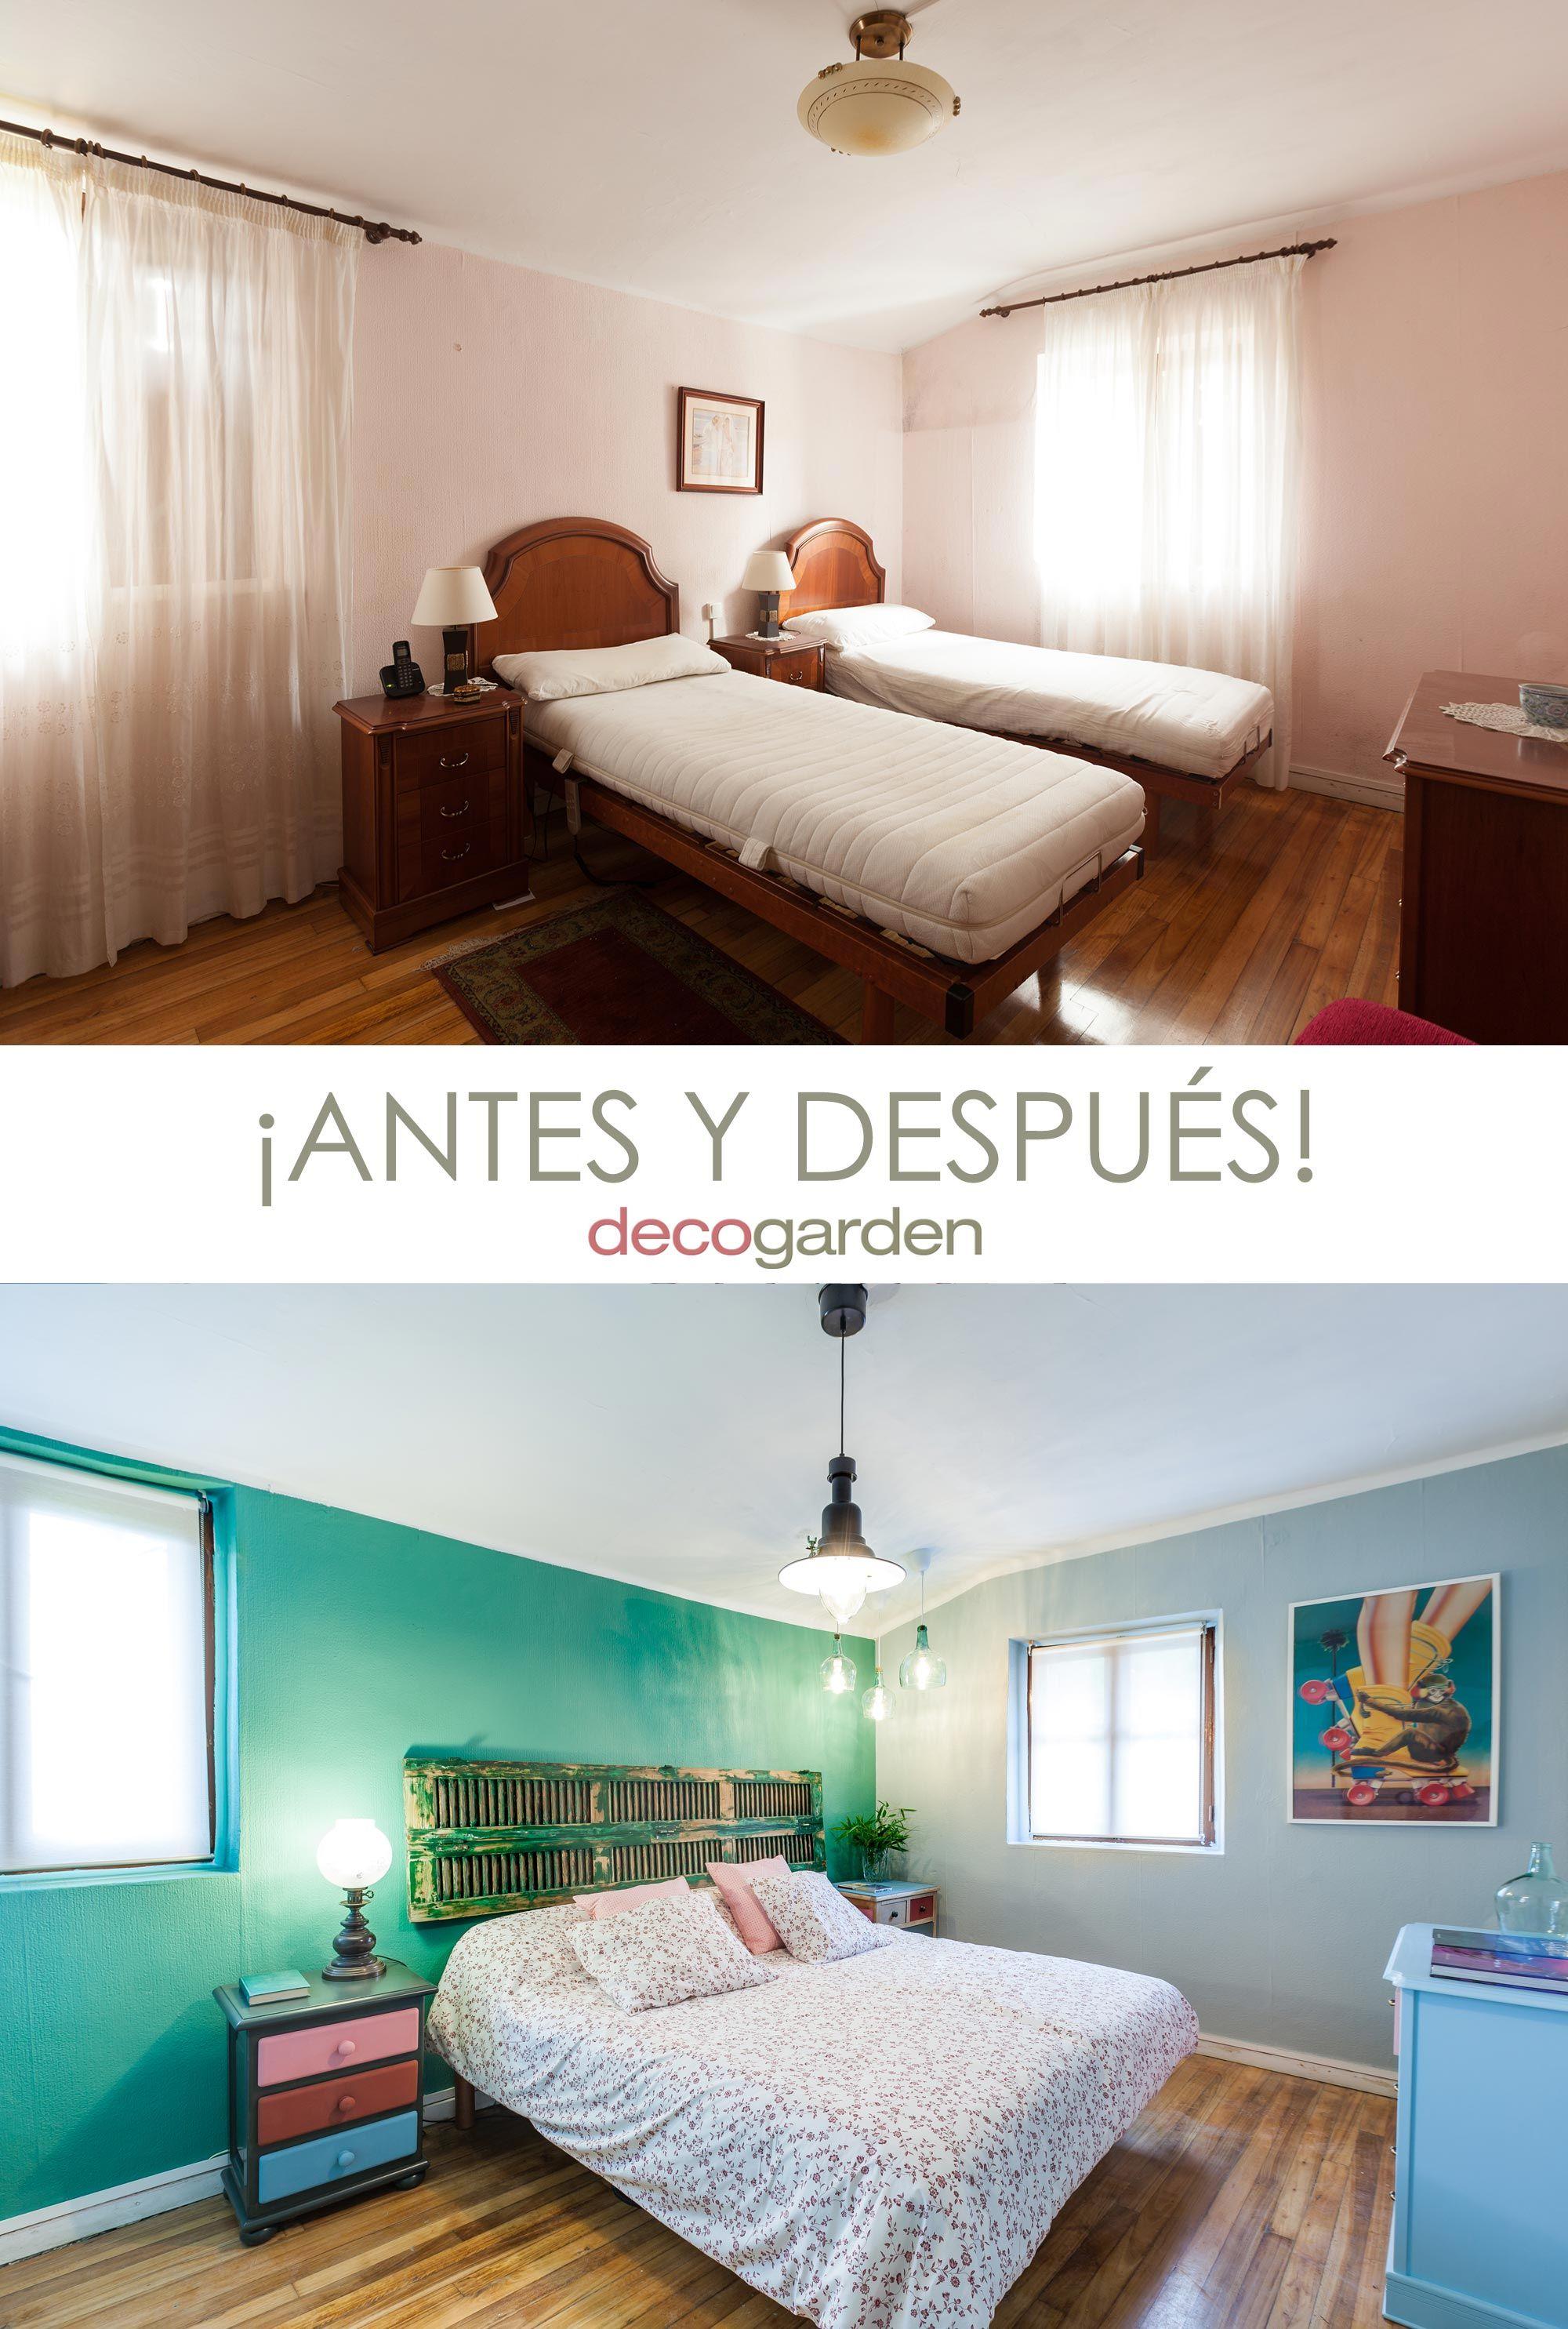 Decorar dormitorio juvenil con muebles reciclados decogarden for Muebles dormitorio juvenil